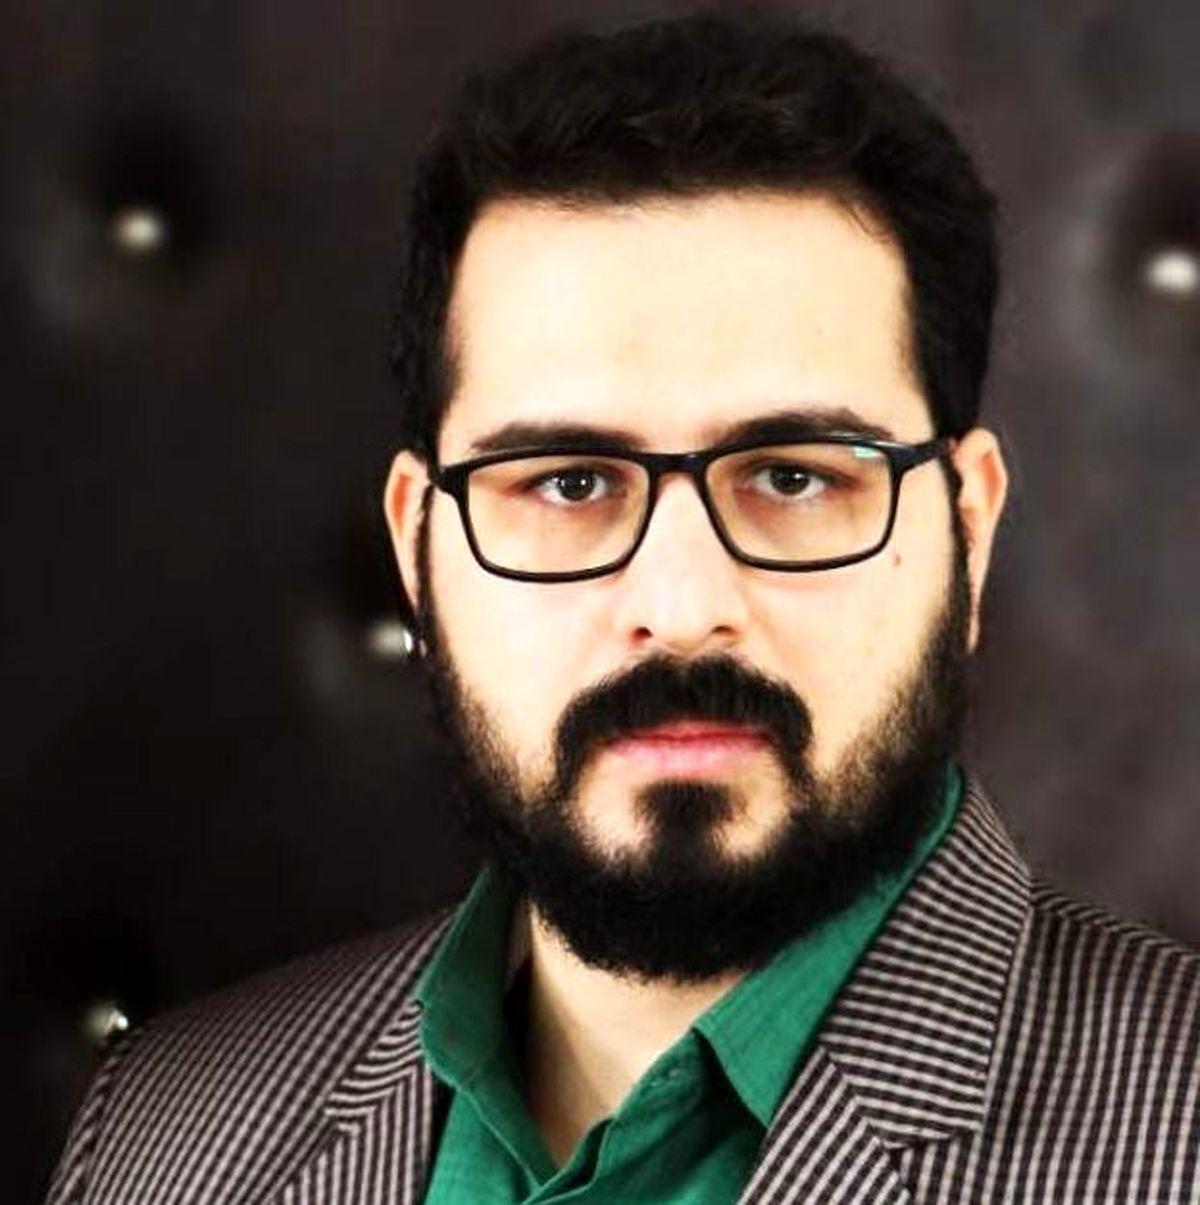 عملکرد اجرایی روابط عمومی اداره کل تبلیغات اسلامی استان یزد در سال 99 تشریح شد